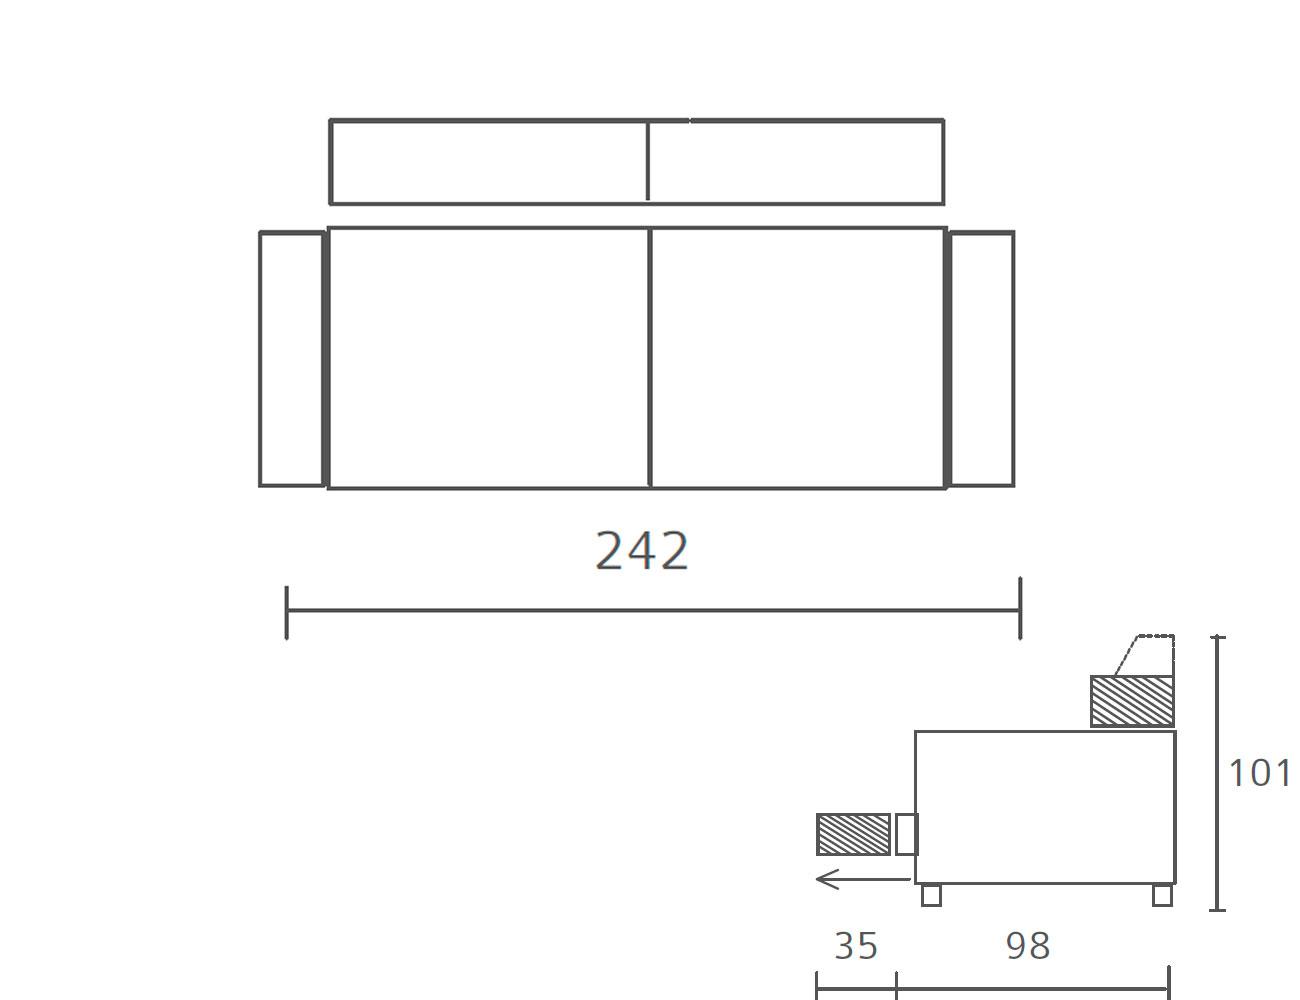 Sofa 2423